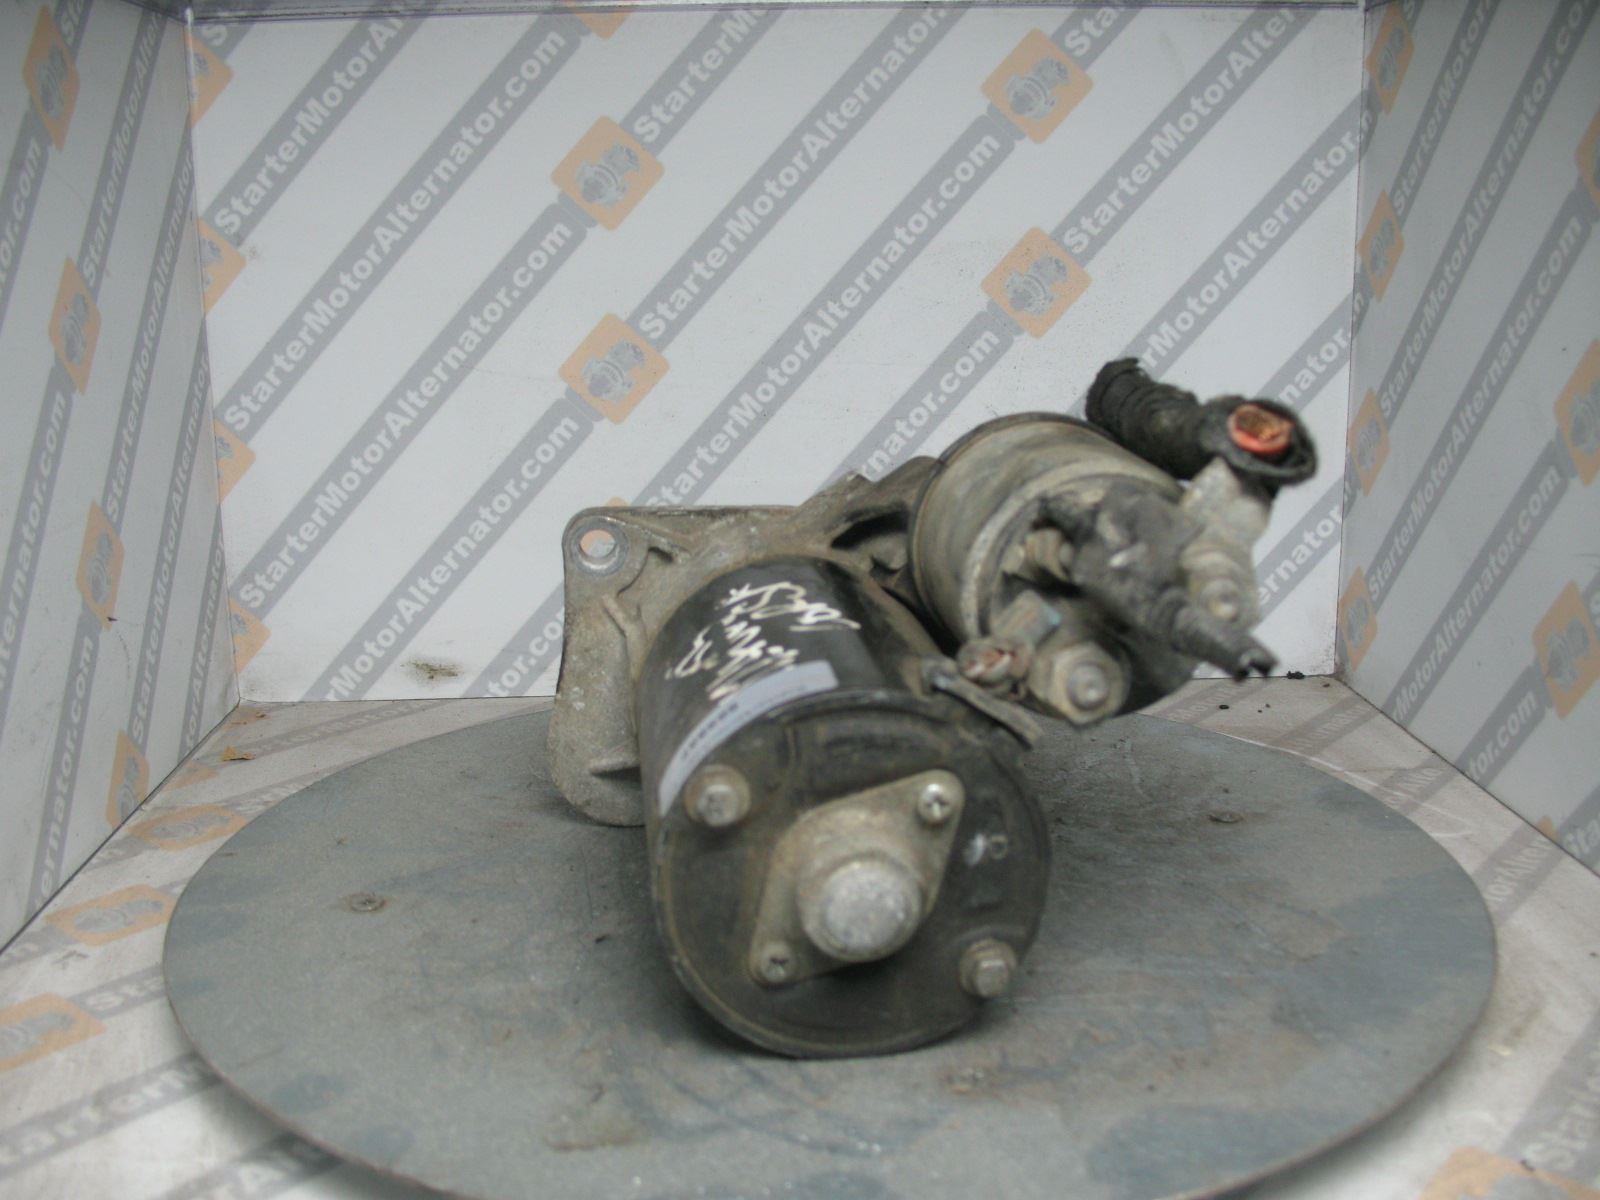 XIY2502 Starter Motor For Chevrolet / Opel / Vauxhall